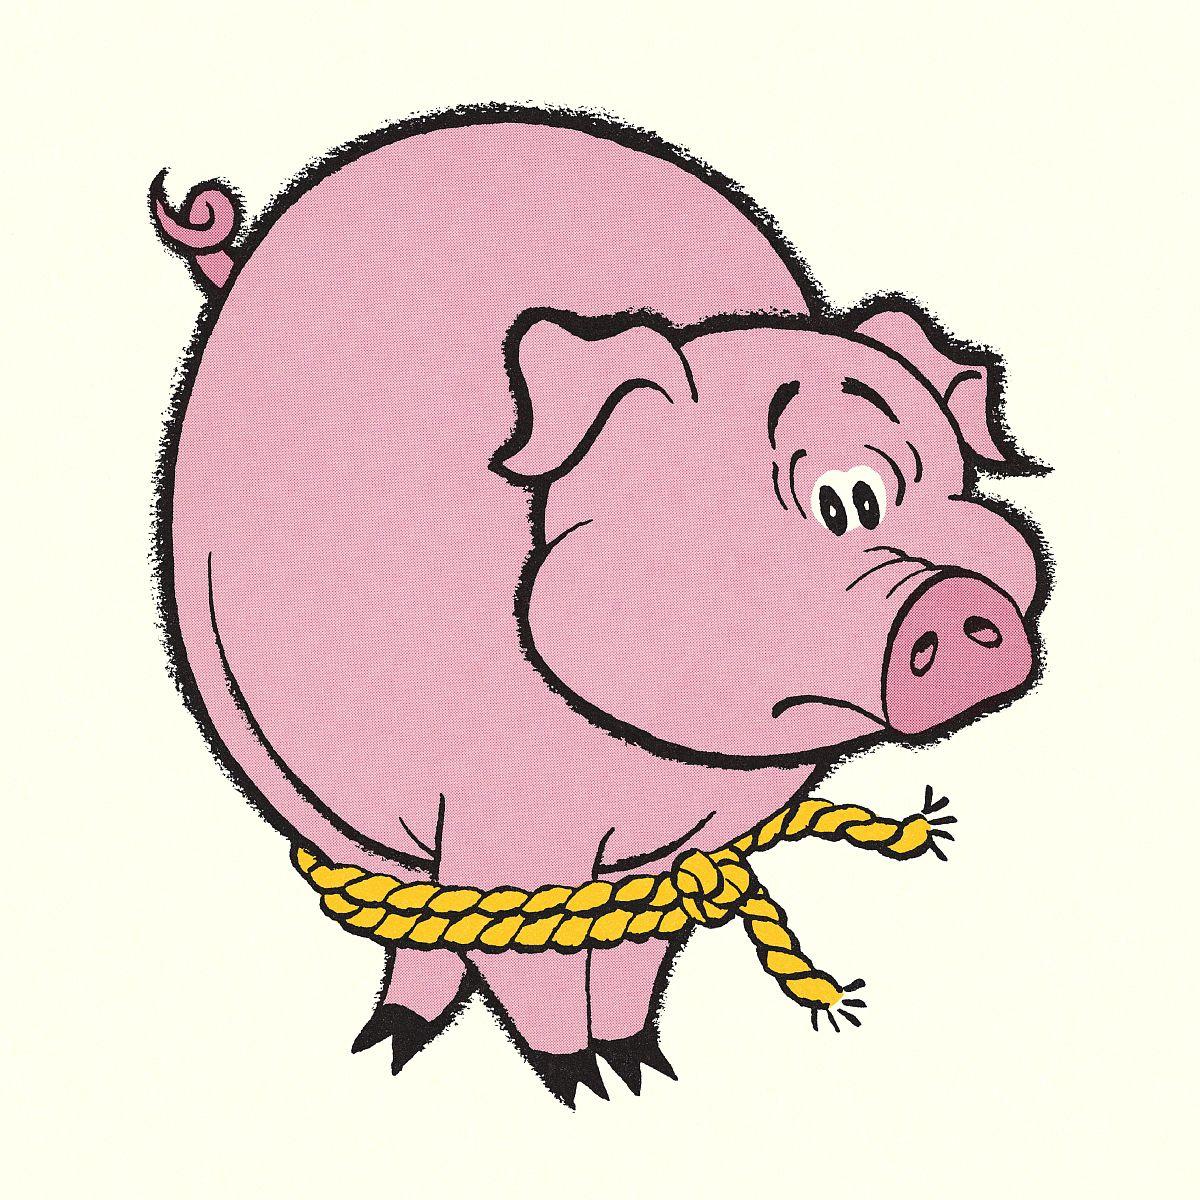 图片小懒猪起床了_懒猪起床了 表情包_懒猪起床了 表情包分享展示